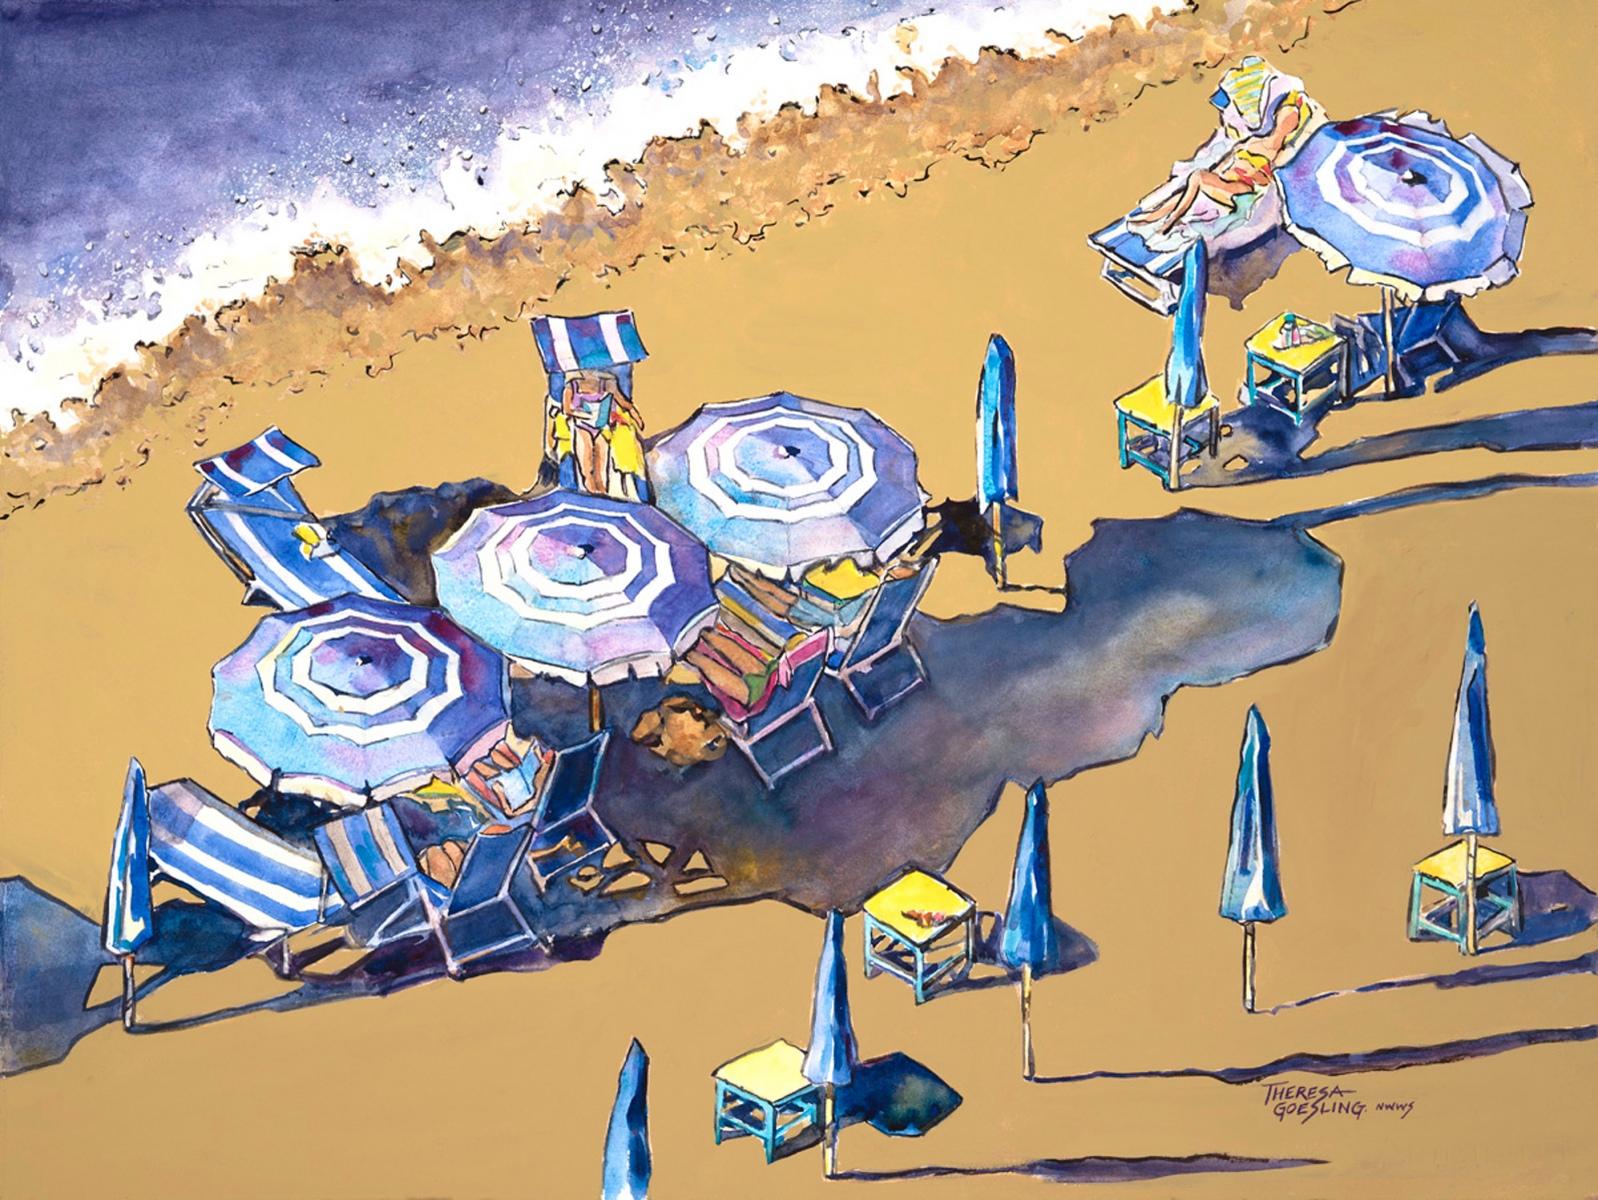 Goesling-Watermedia-Birdseye-Beach-Party-28-x-21